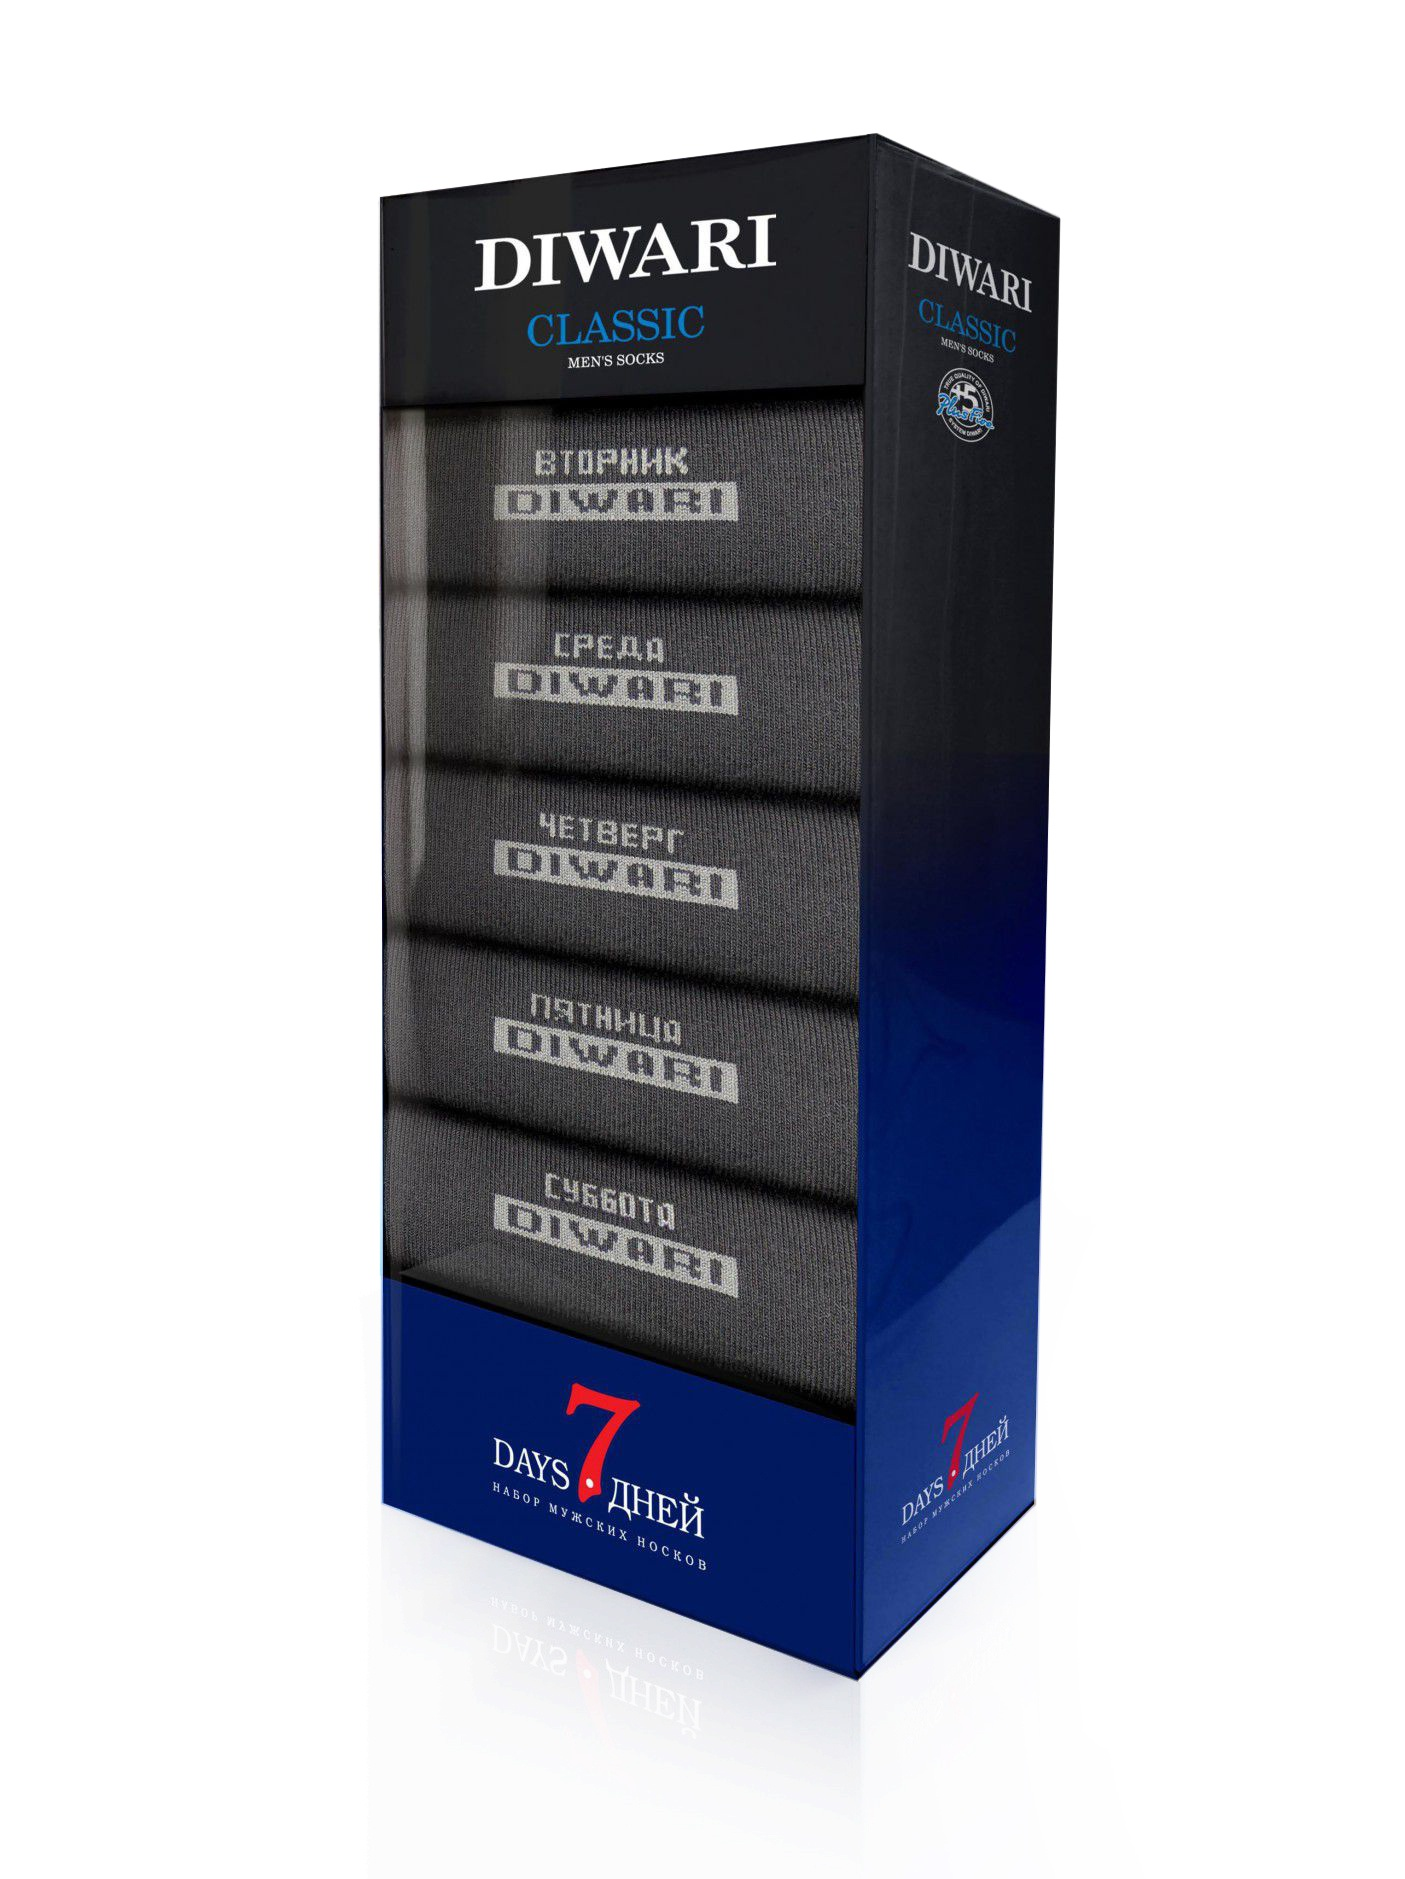 Комплект носков DiWaRi комплект из 5 пар однотонных коротких носков